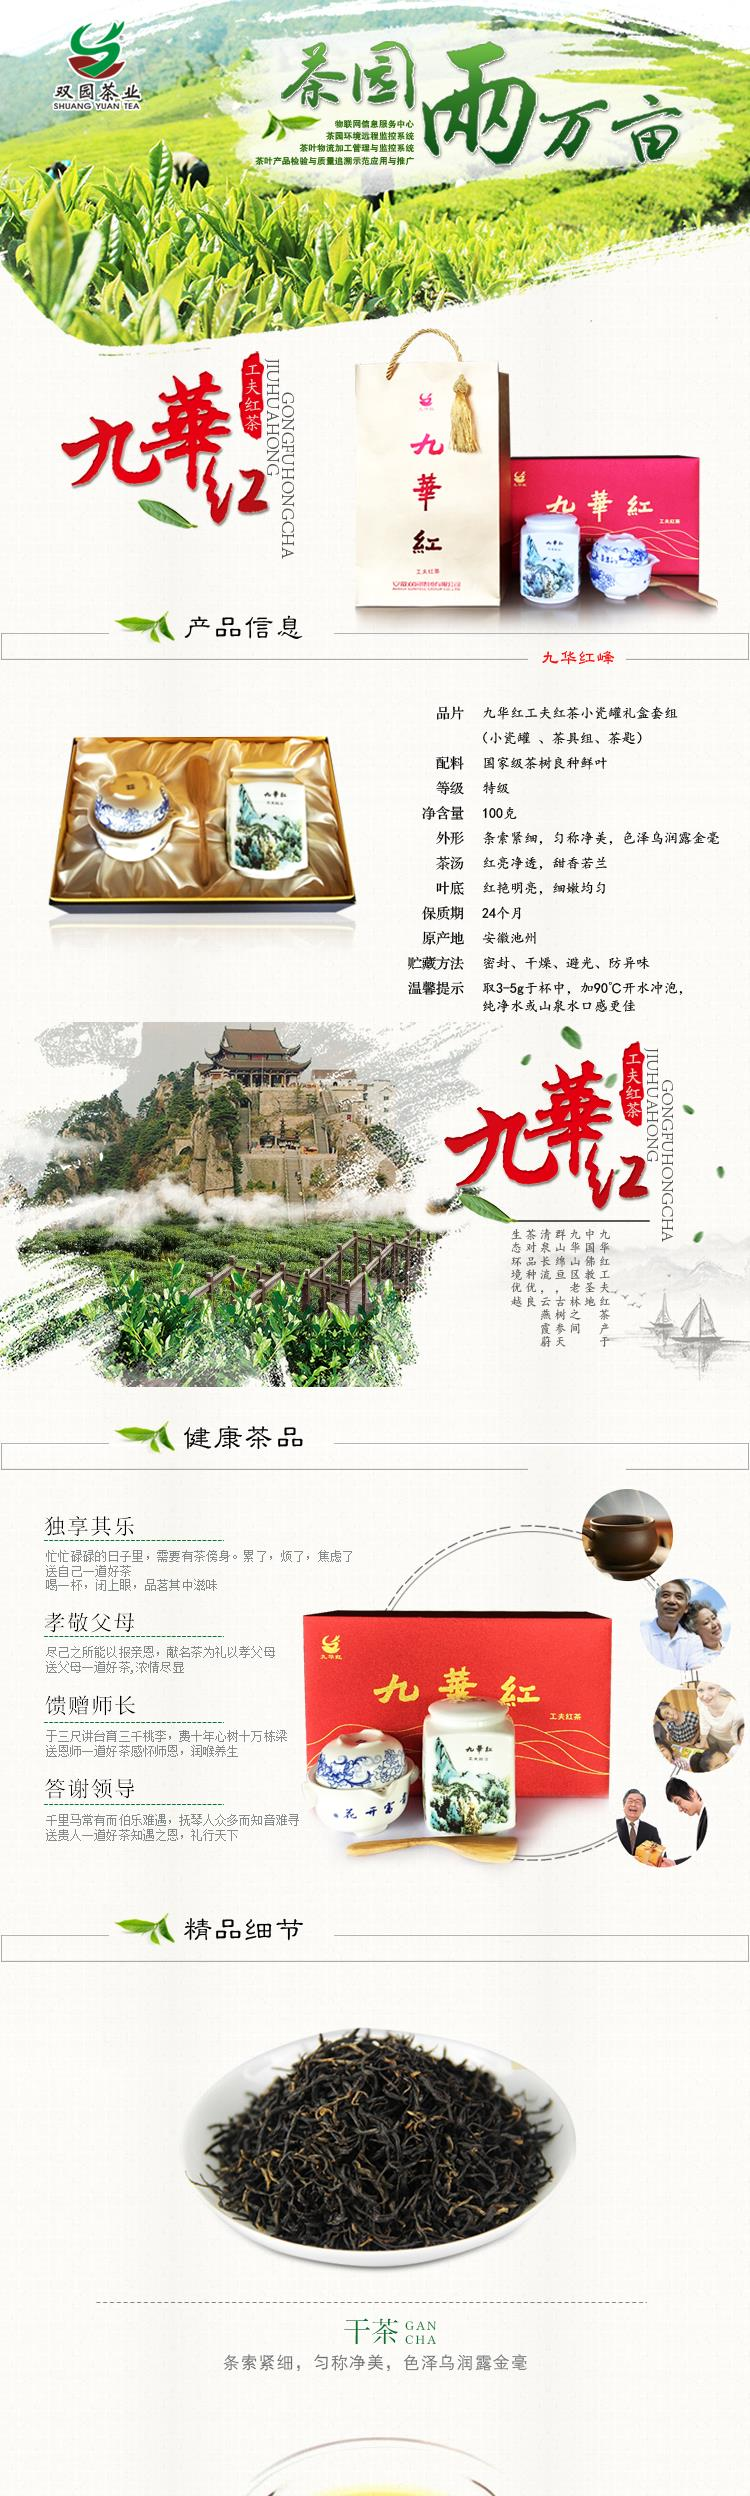 九华红新品详情页-1.jpg